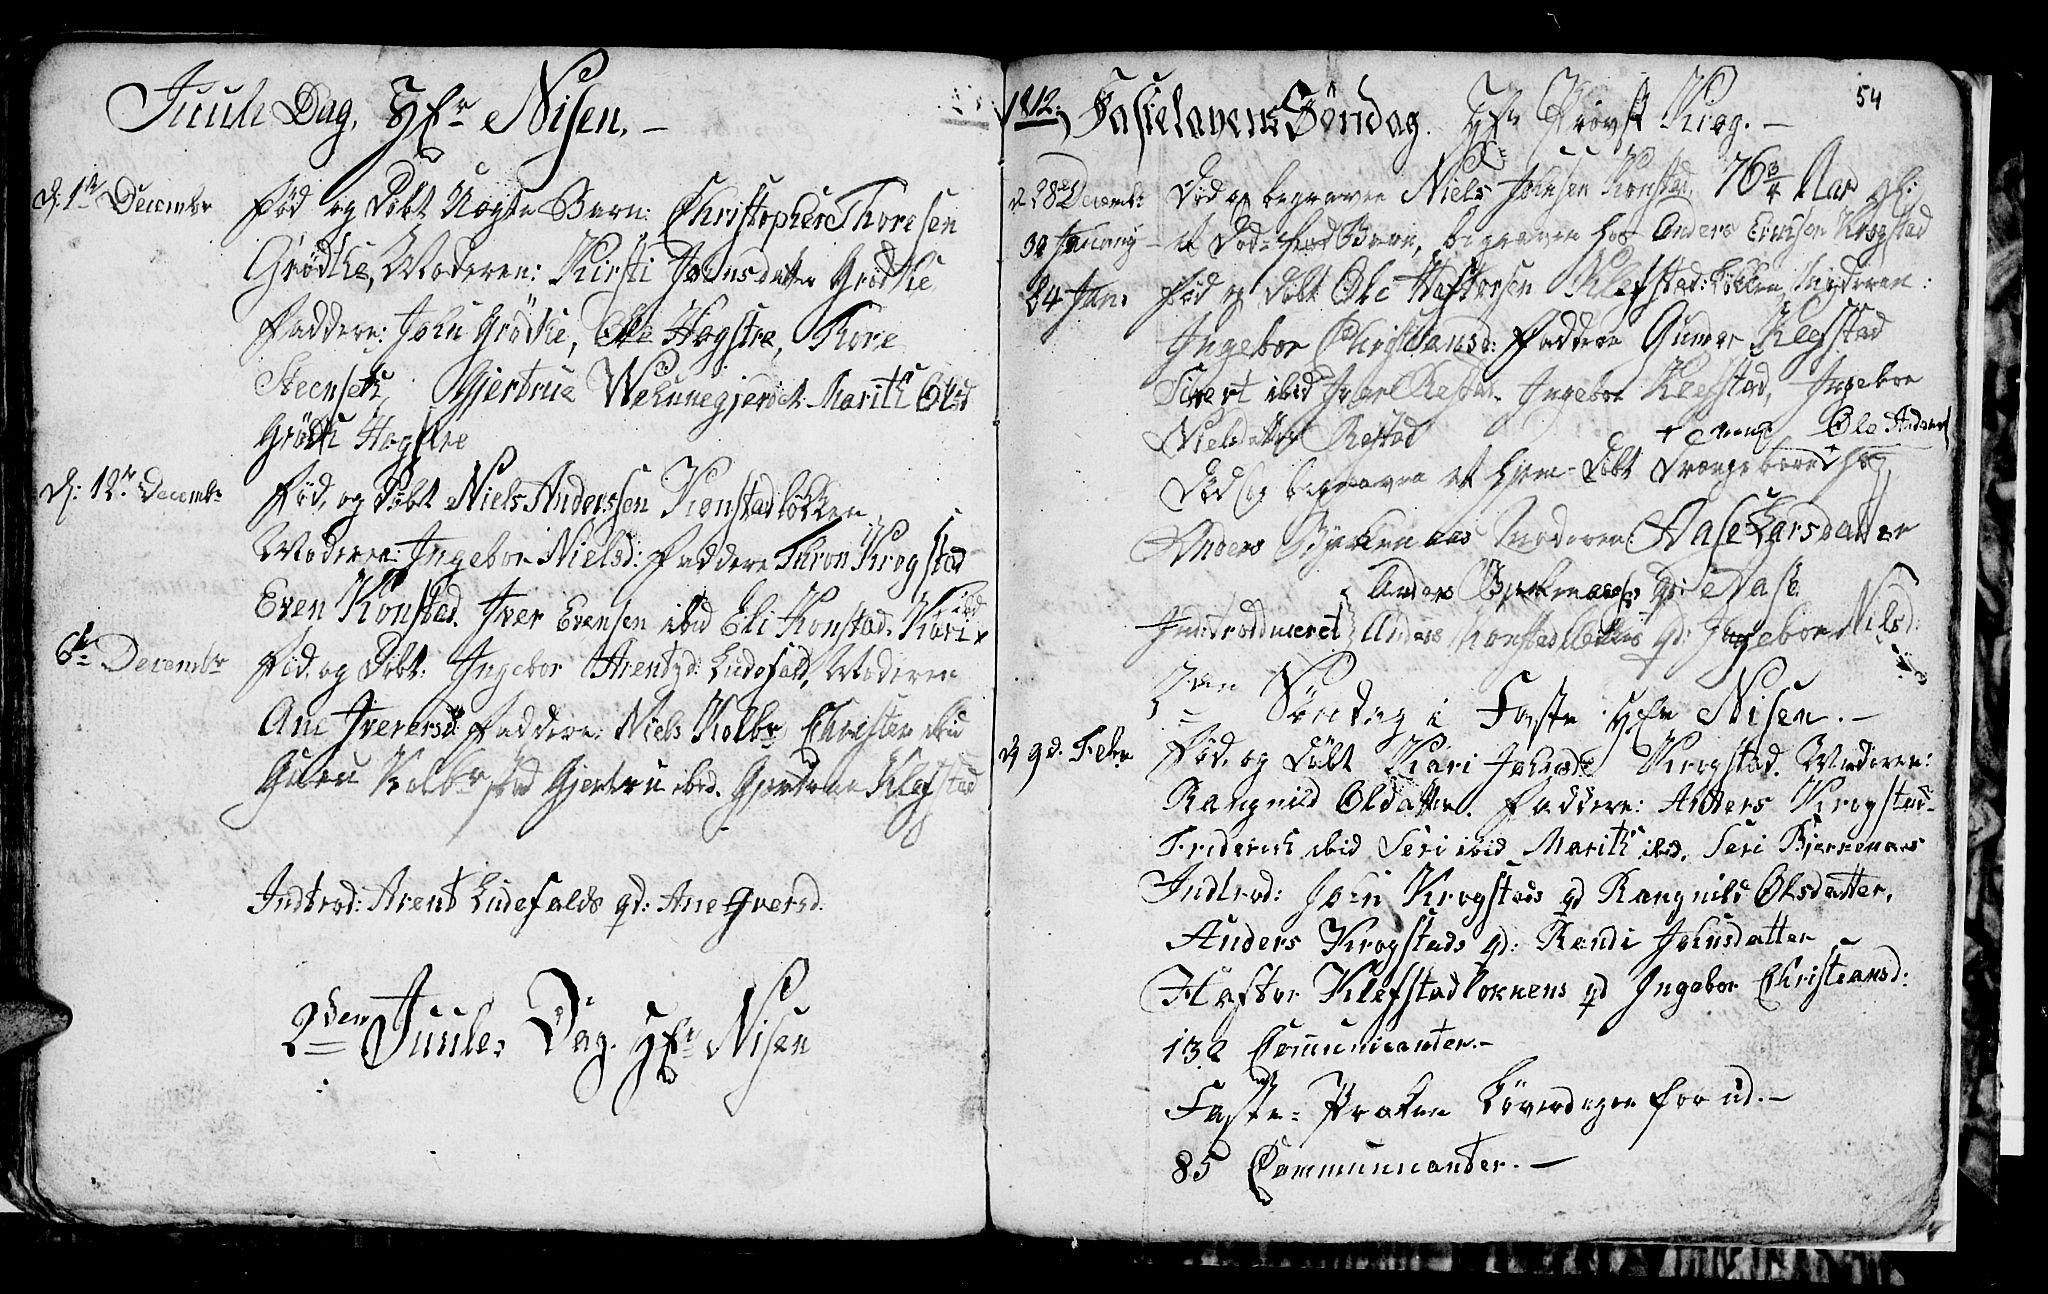 SAT, Ministerialprotokoller, klokkerbøker og fødselsregistre - Sør-Trøndelag, 694/L1129: Klokkerbok nr. 694C01, 1793-1815, s. 54b